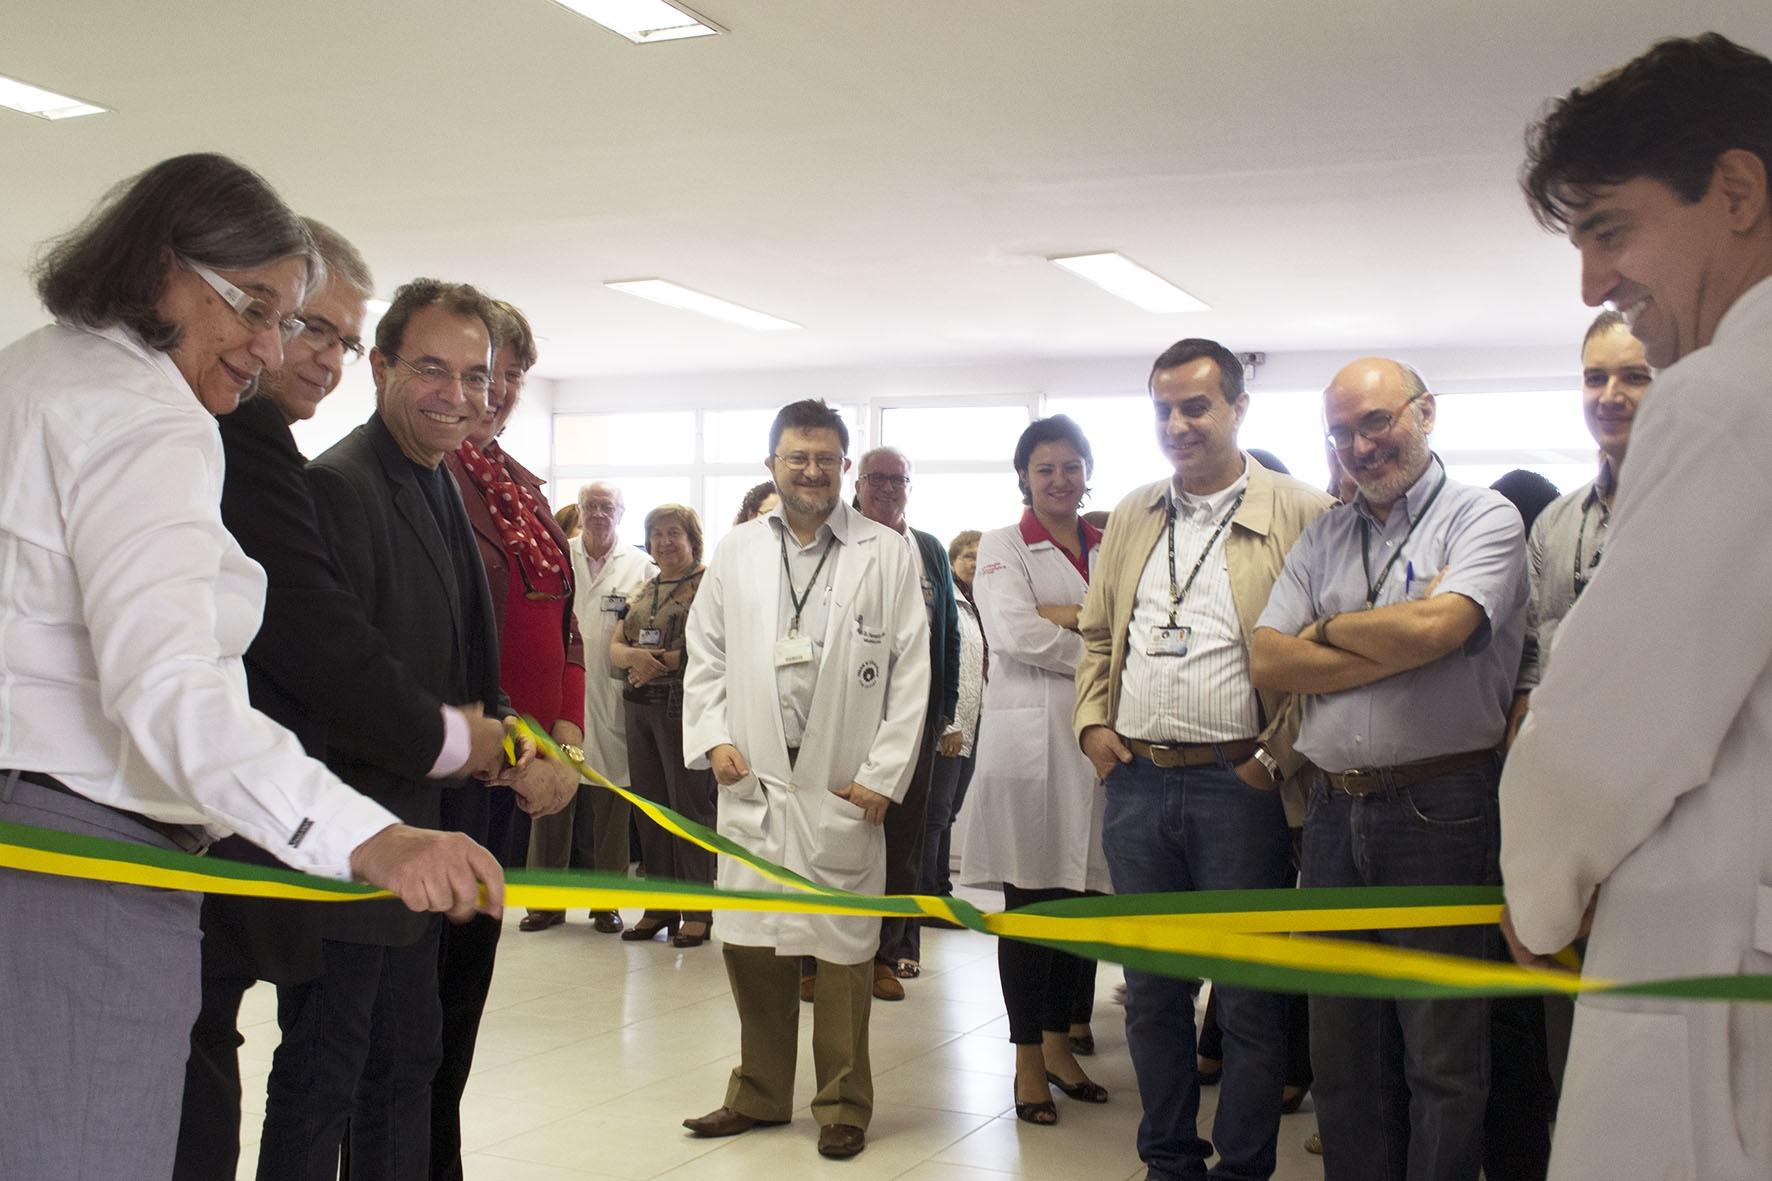 Descerramento da faixa de inauguração do CPC. Foto: Marcelo Oliveira. CADCC-FCM/Unicamp